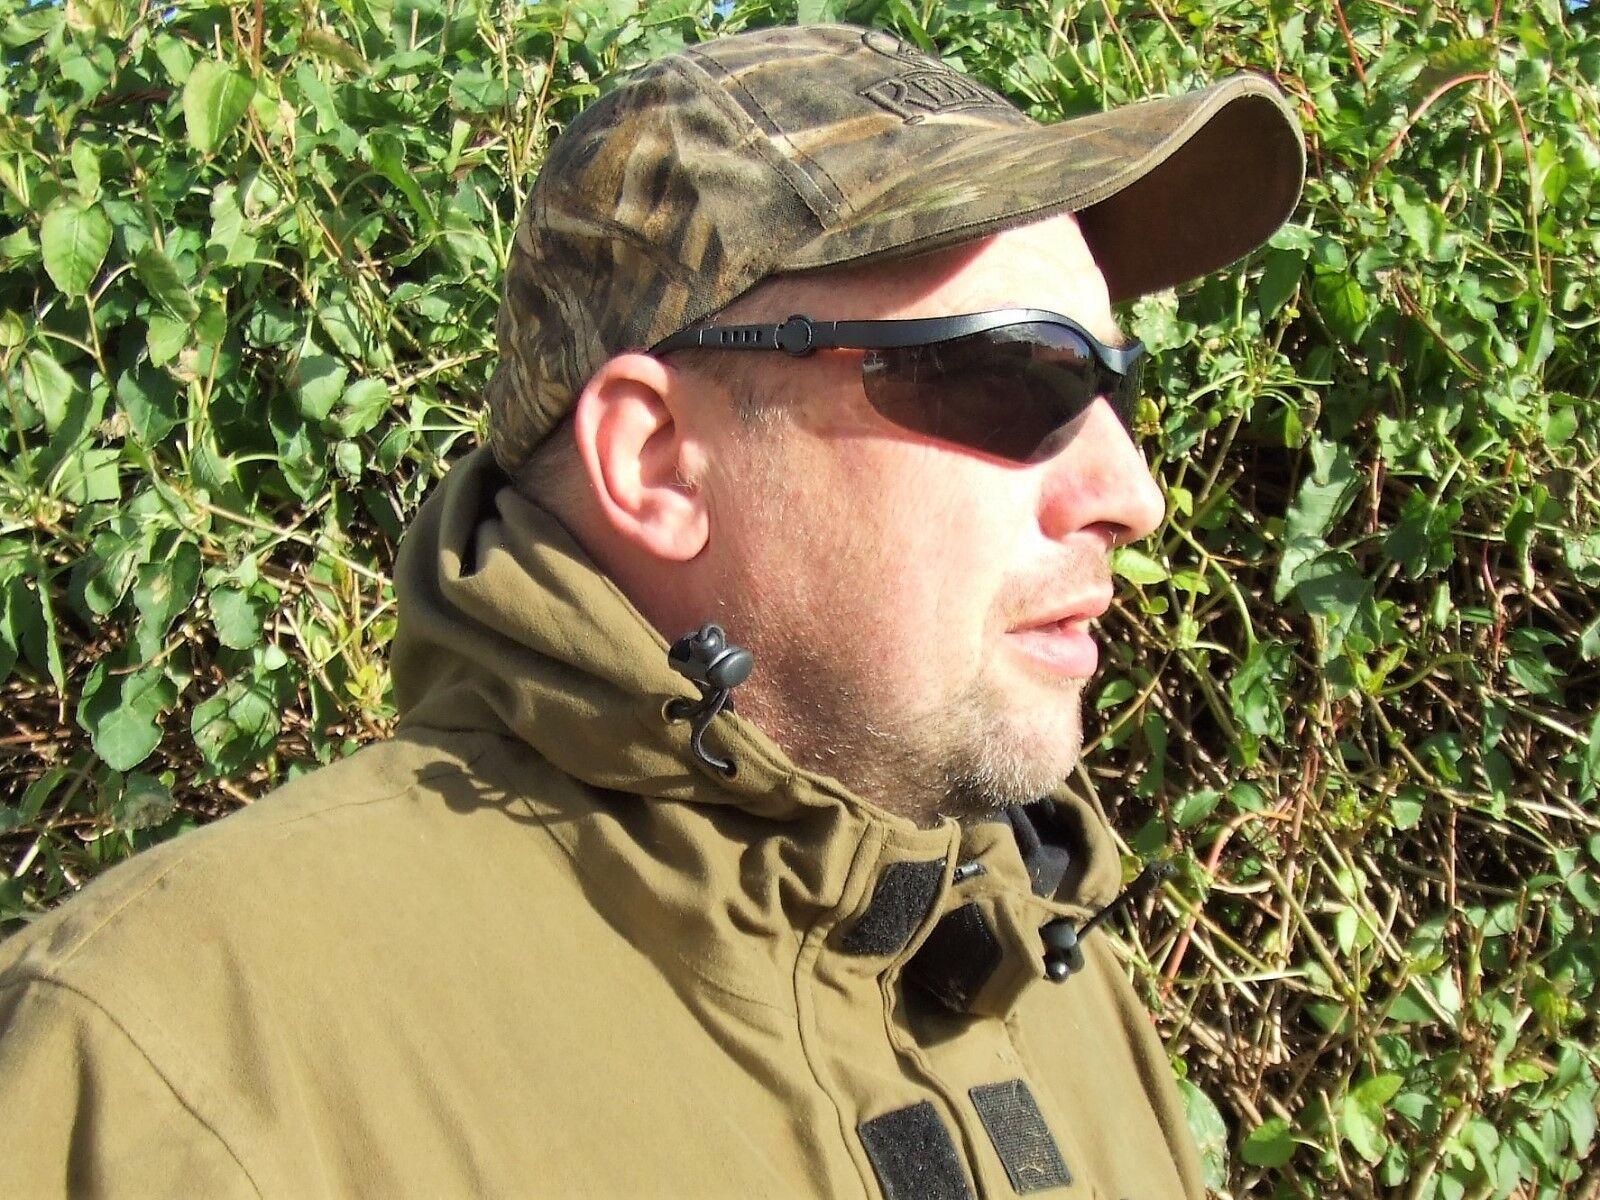 Pichón Caza Seguridad Seguridad Seguridad Gafas de Sol Irrompible Negro Ahumado Lentes EN166F 8877c4